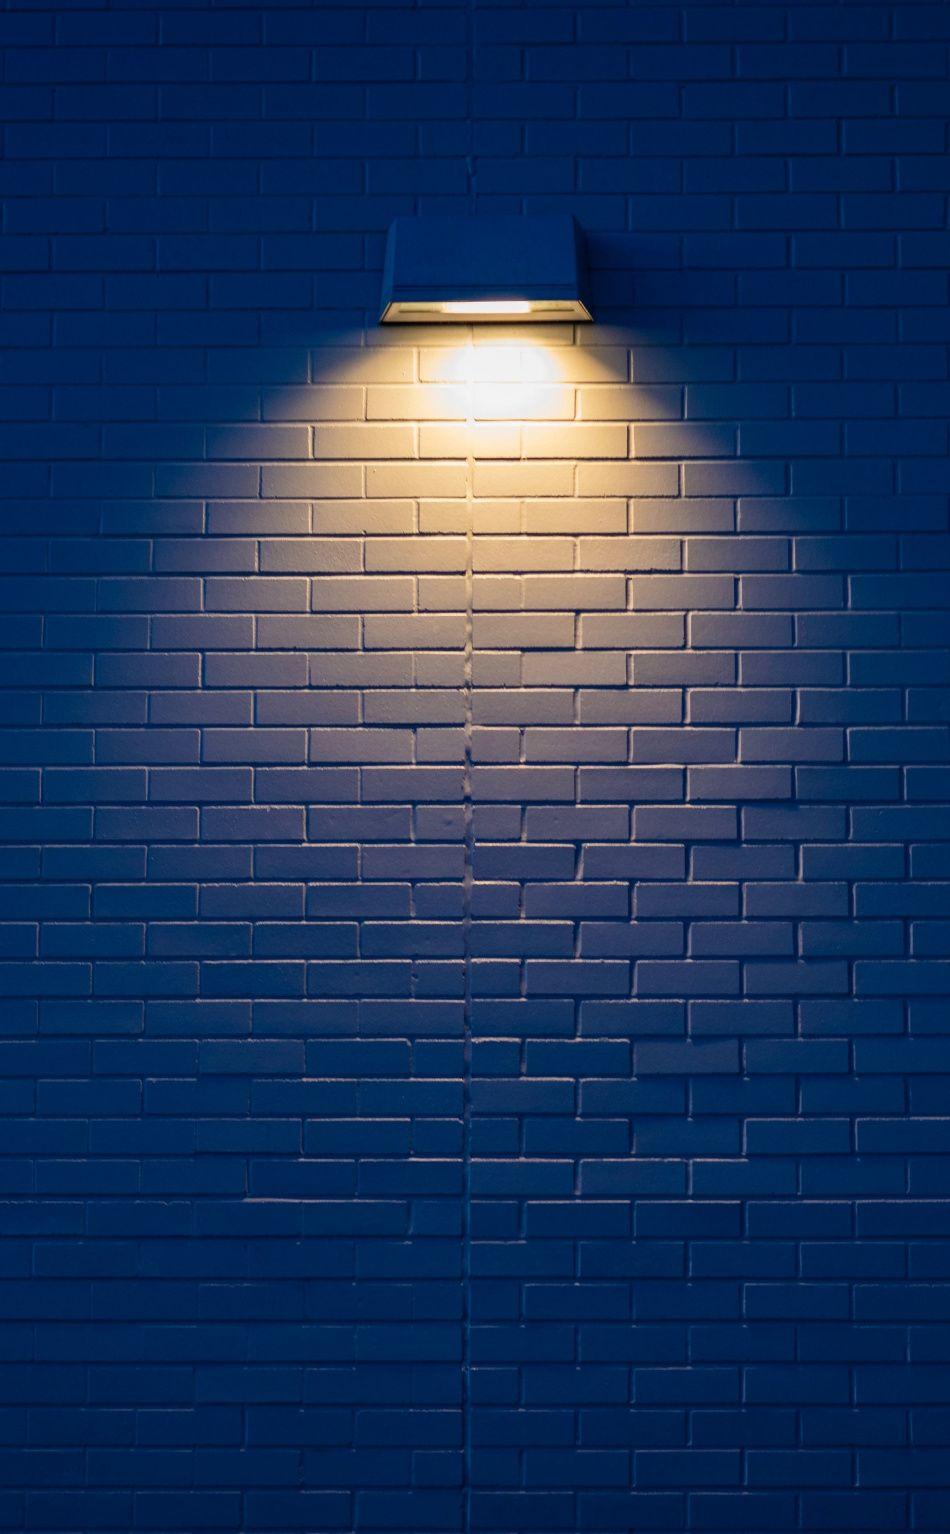 Hình ảnh background bức tường đèn sáng